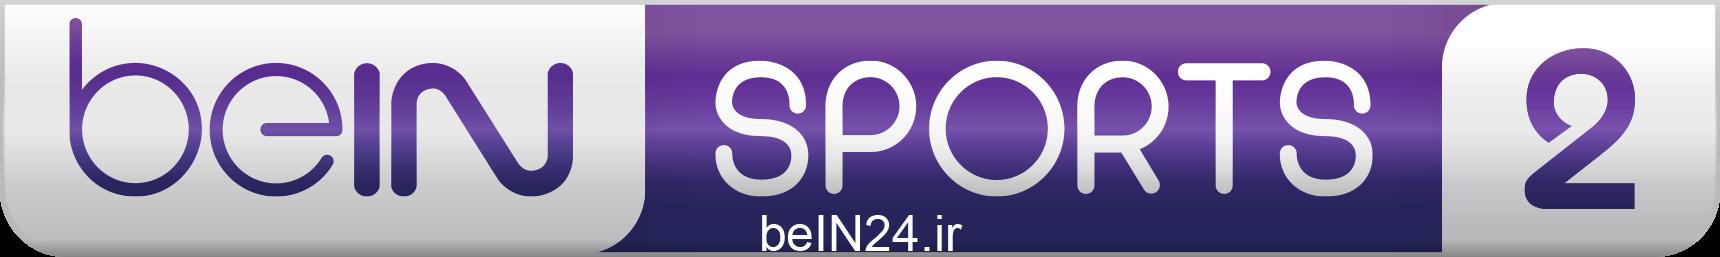 شبکه بین اسپرت ۲